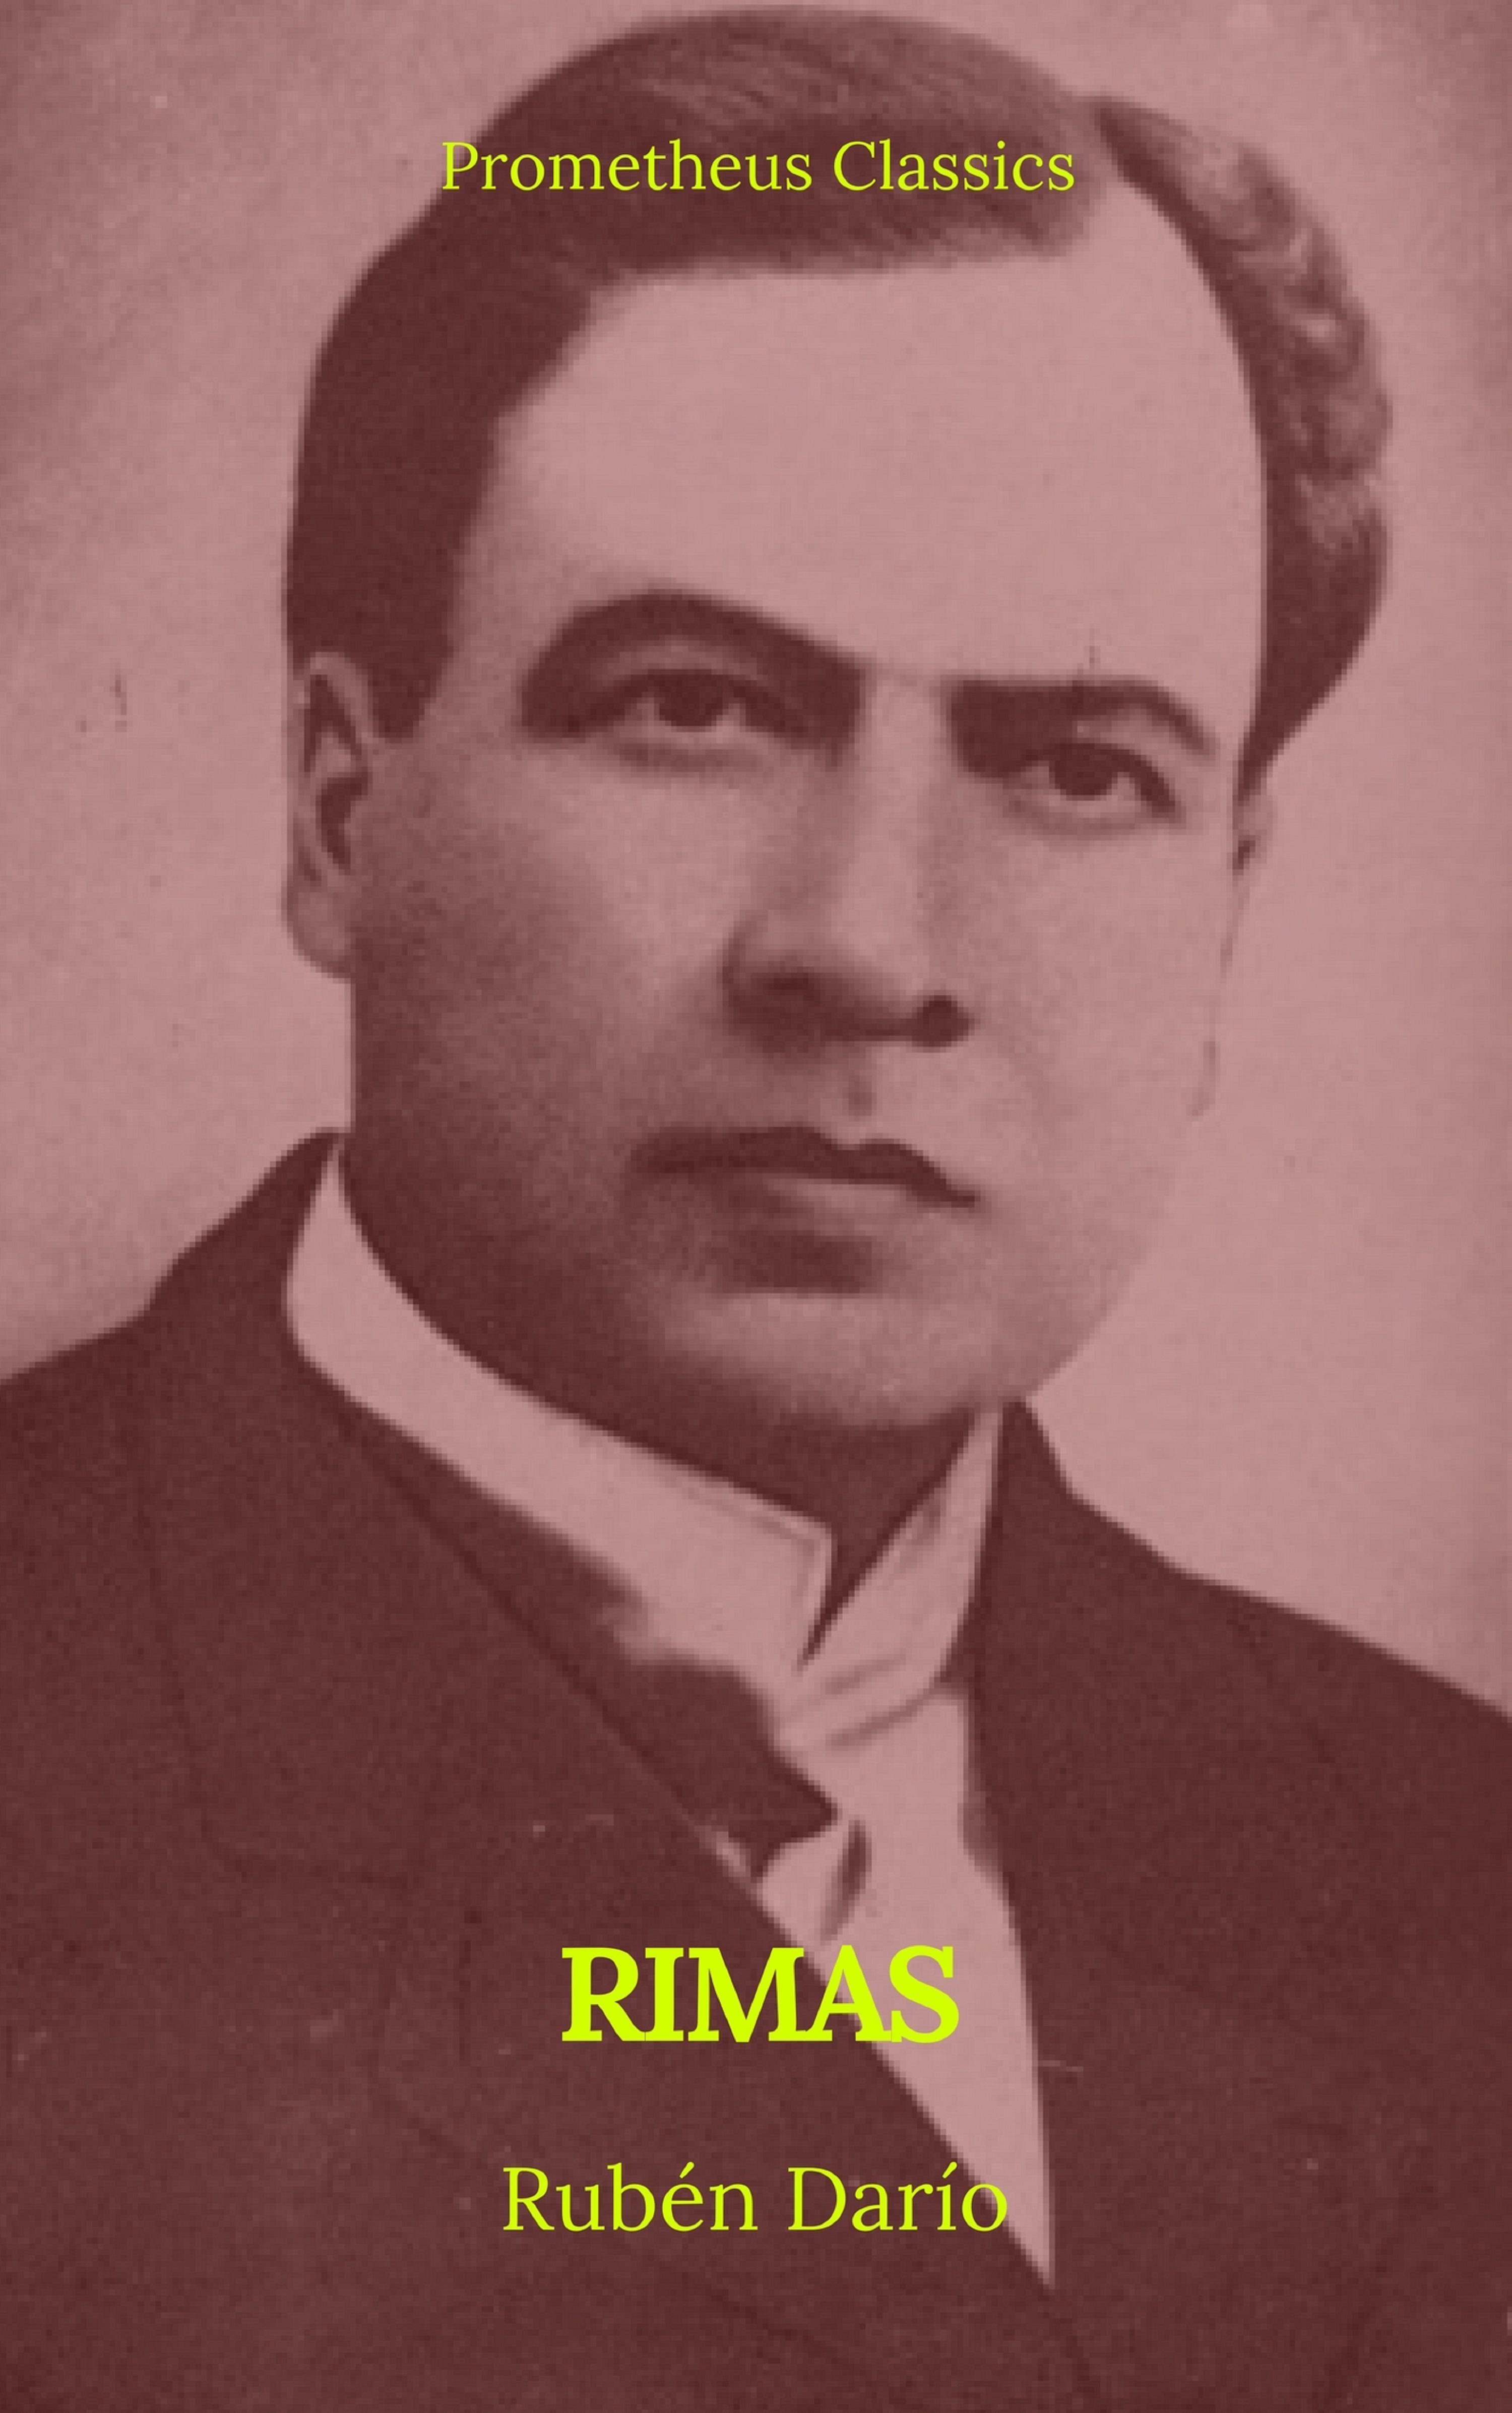 Rubén Darío Rimas (Prometheus Classics) отсутствует floresta de rimas antiguas castellanas p 1